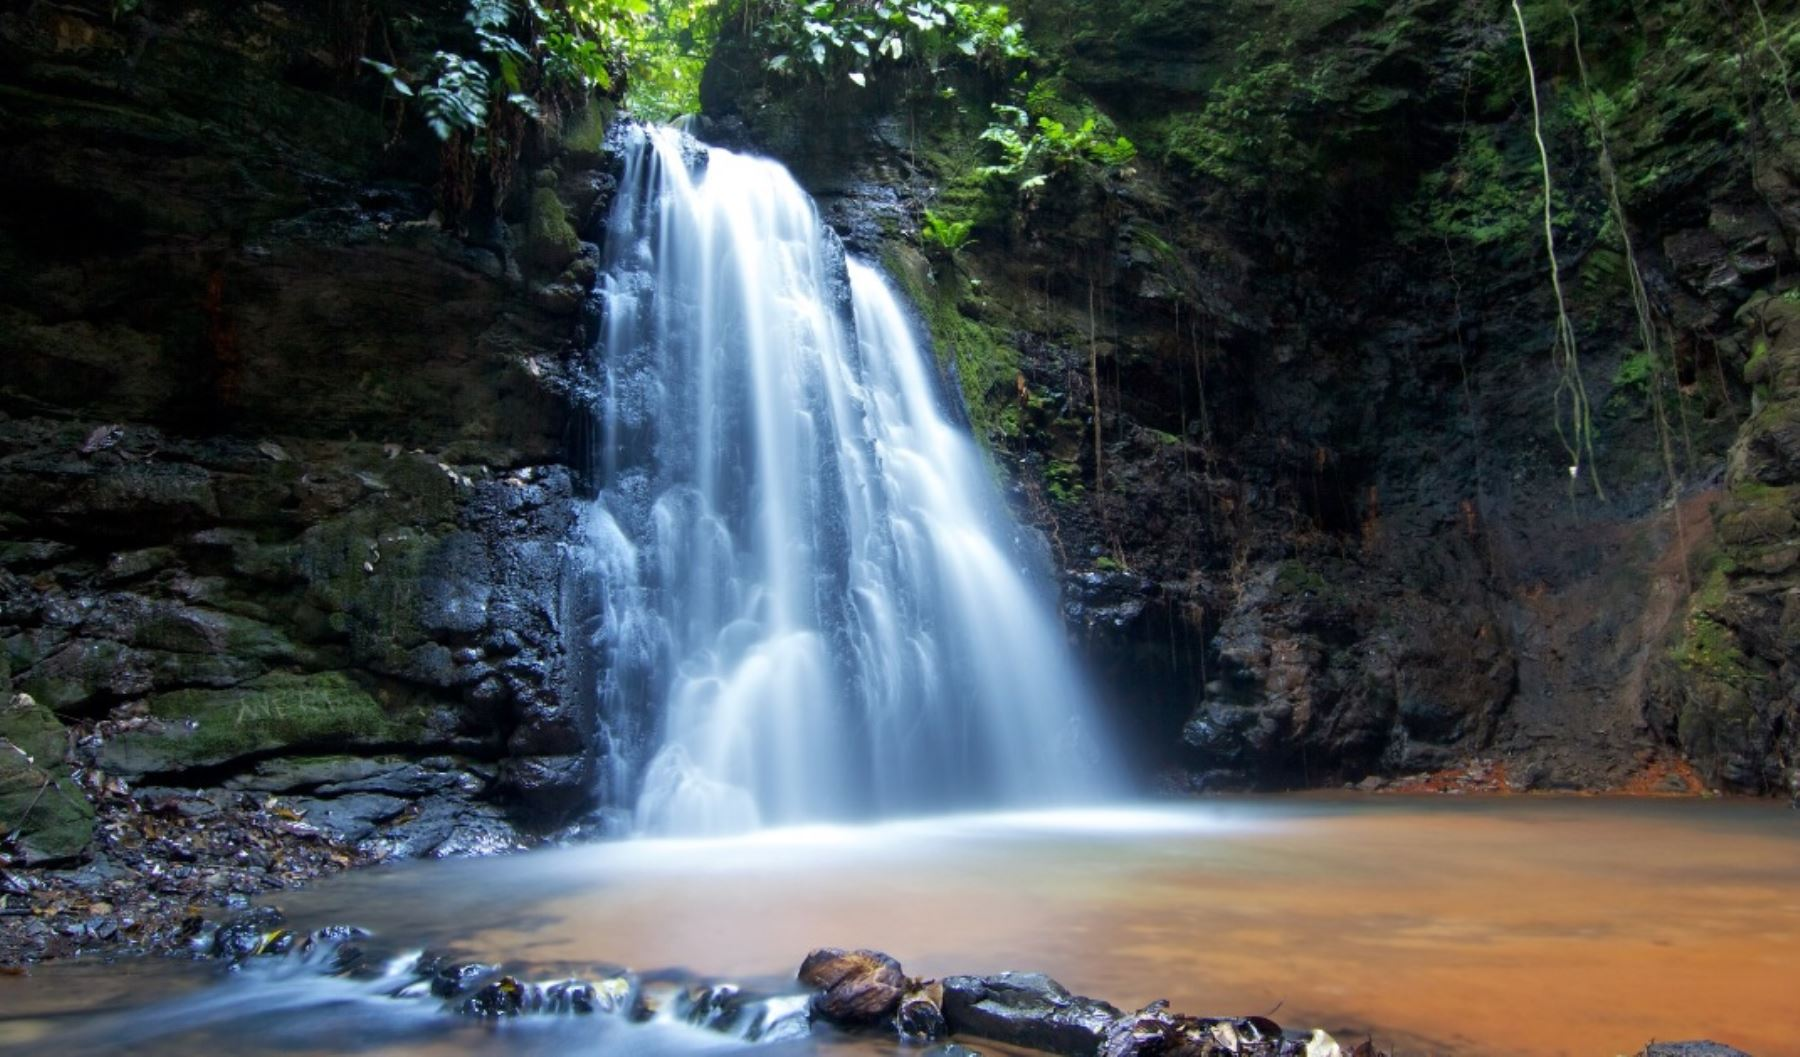 Catarata en el Parque Nacional Sierra del Divisor. Foto: Facebook/Parque Nacional Sierra del Divisor.